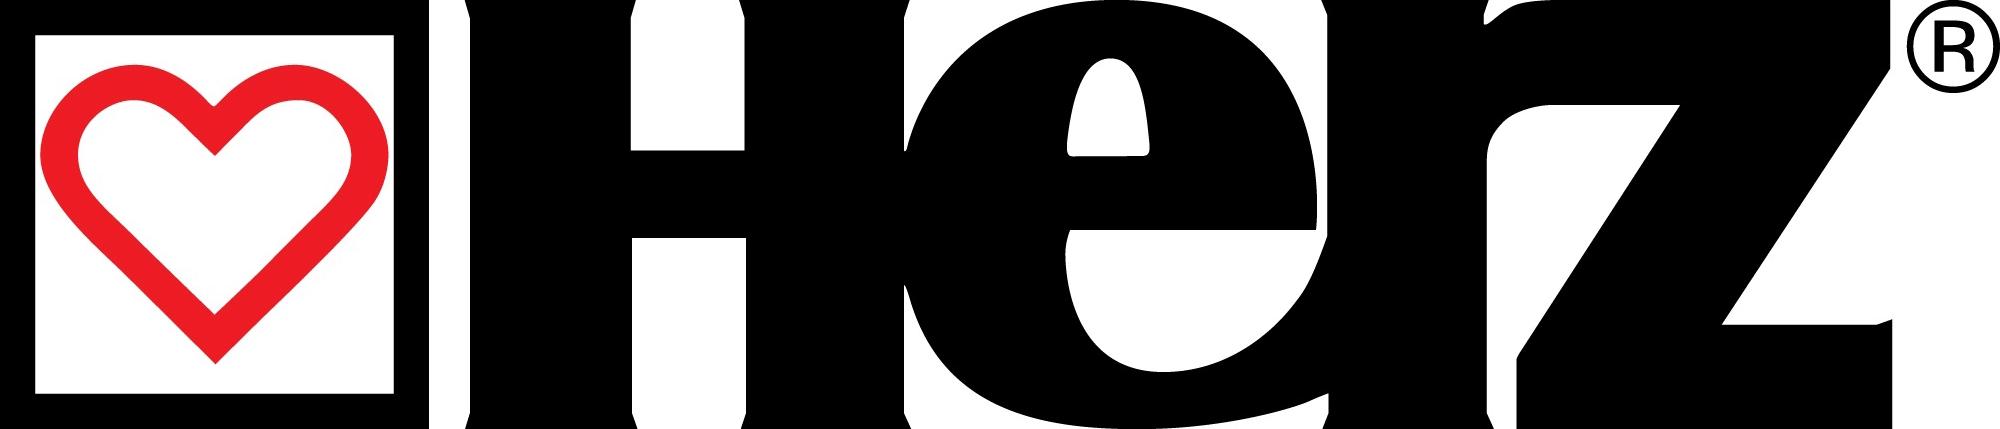 HERZ logo web